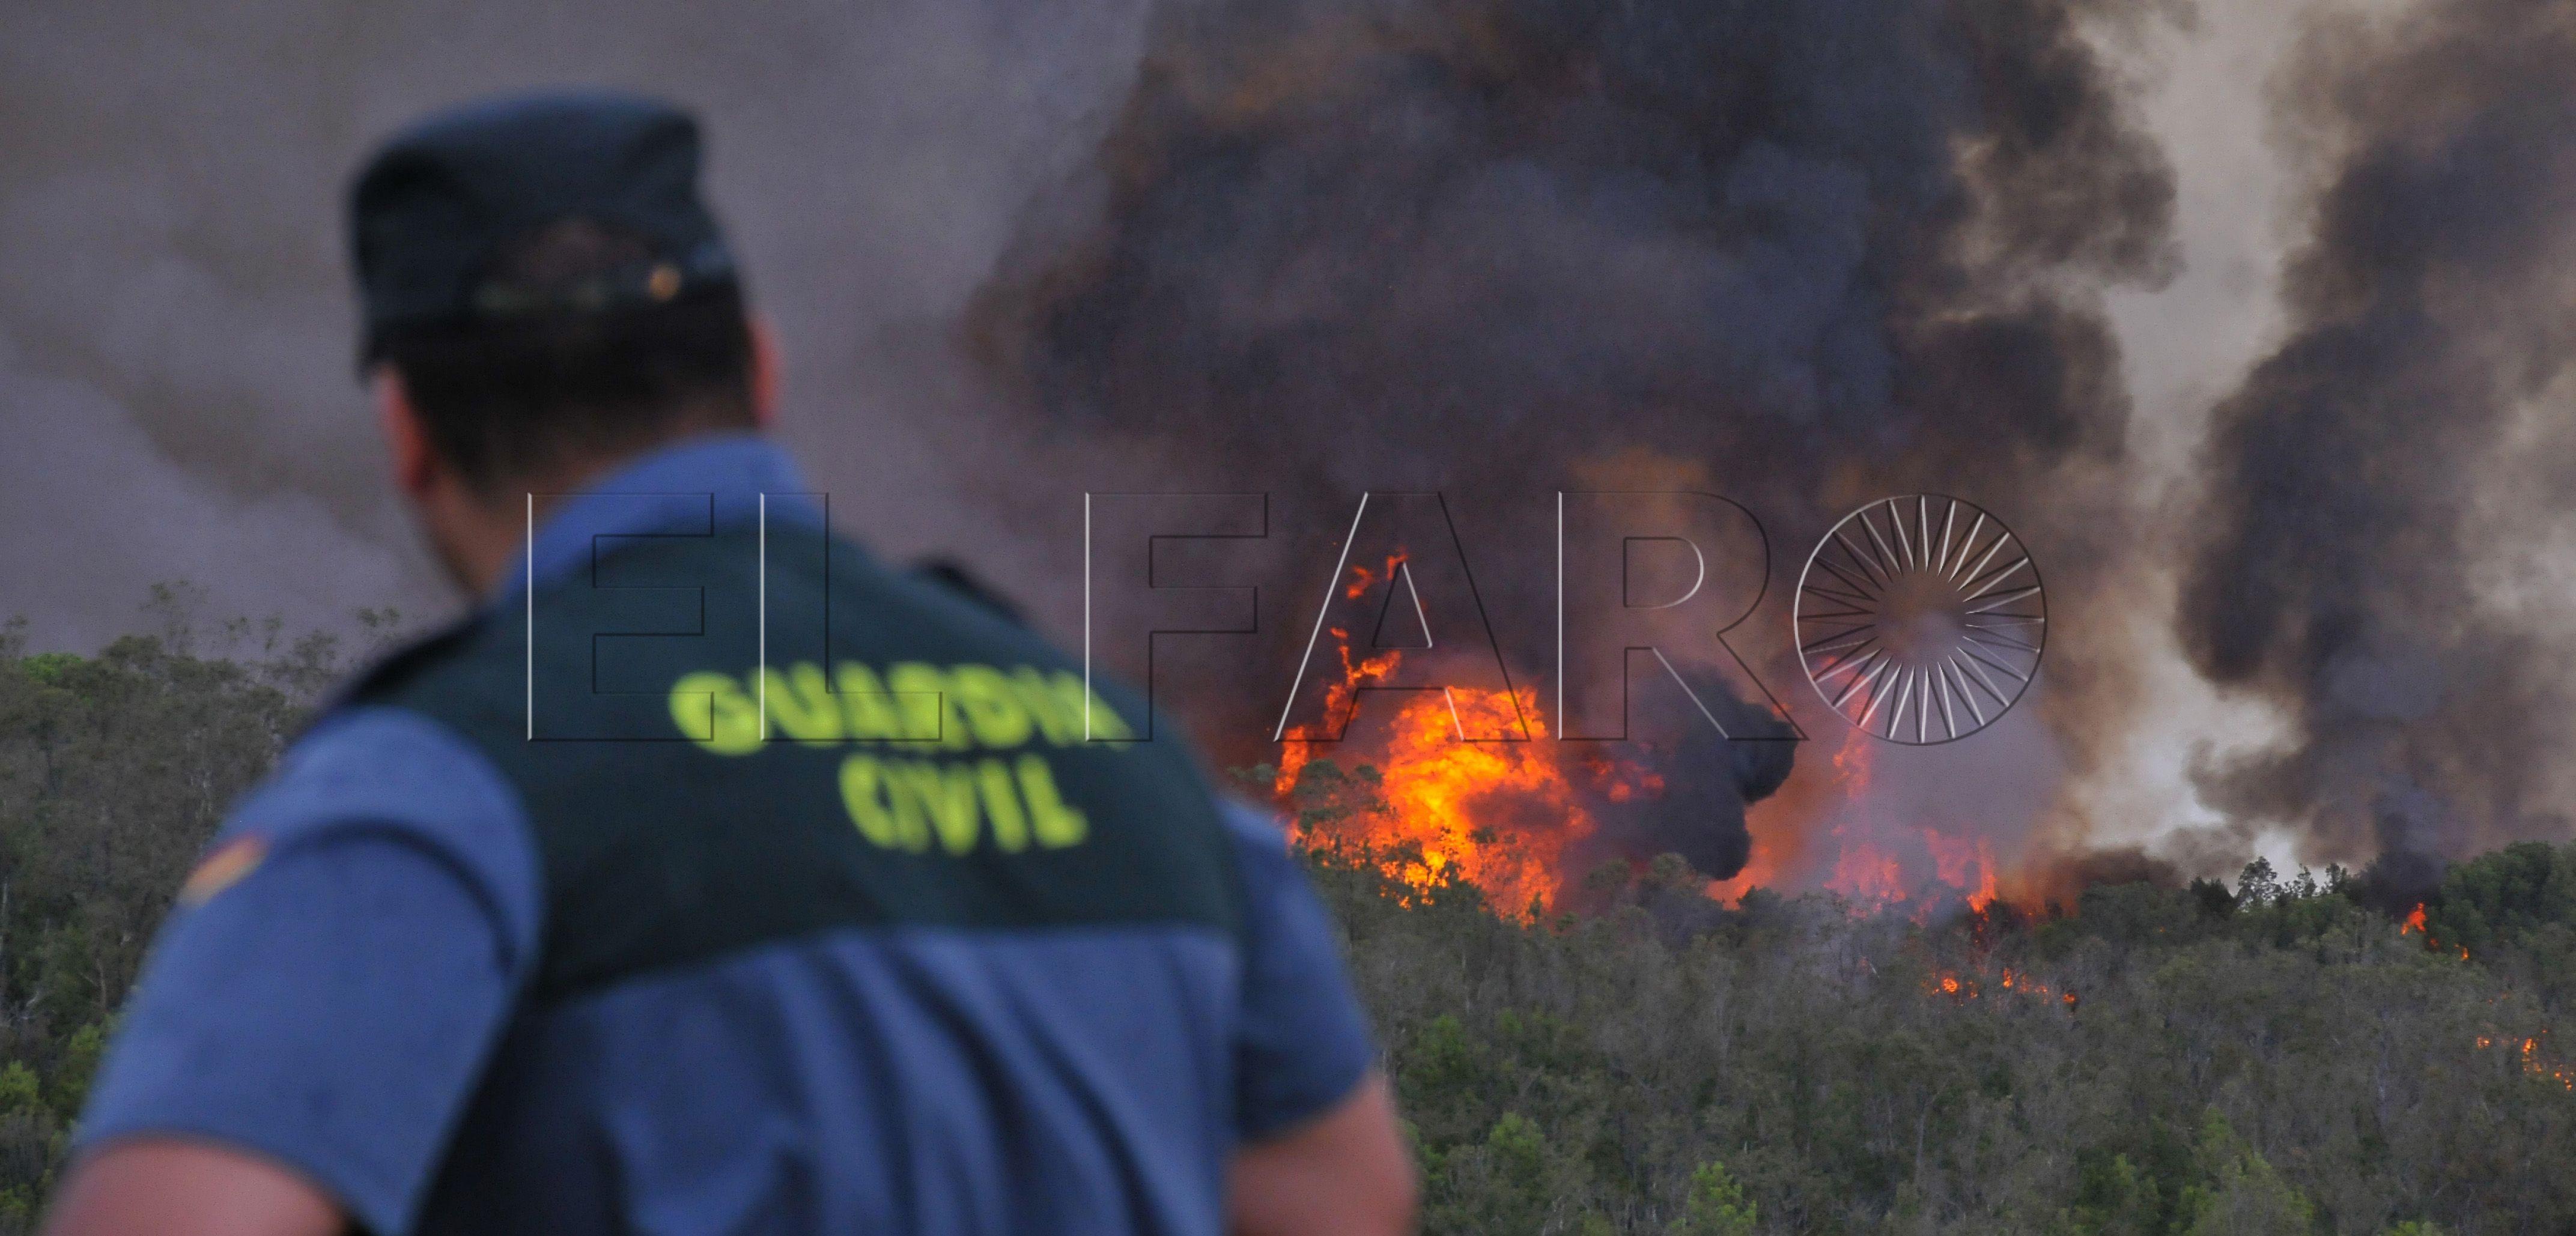 La Consejería propone una sanción a Defensa de 1 millón y medio de euros por el incendio en el Monte de La Tortuga